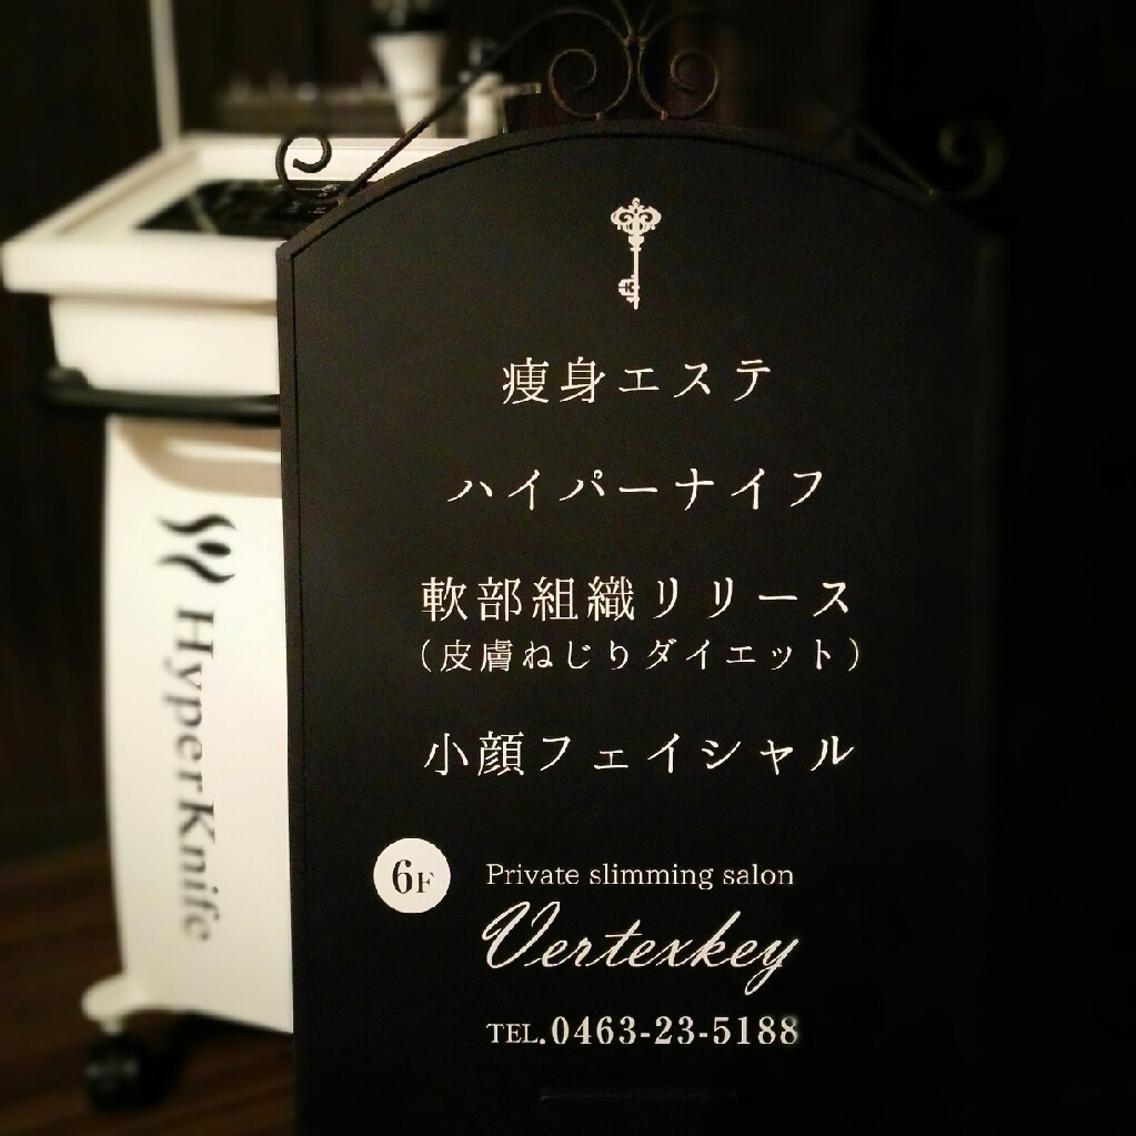 Vertexkey バーテックスキー所属・Vertexkey 🔑の掲載